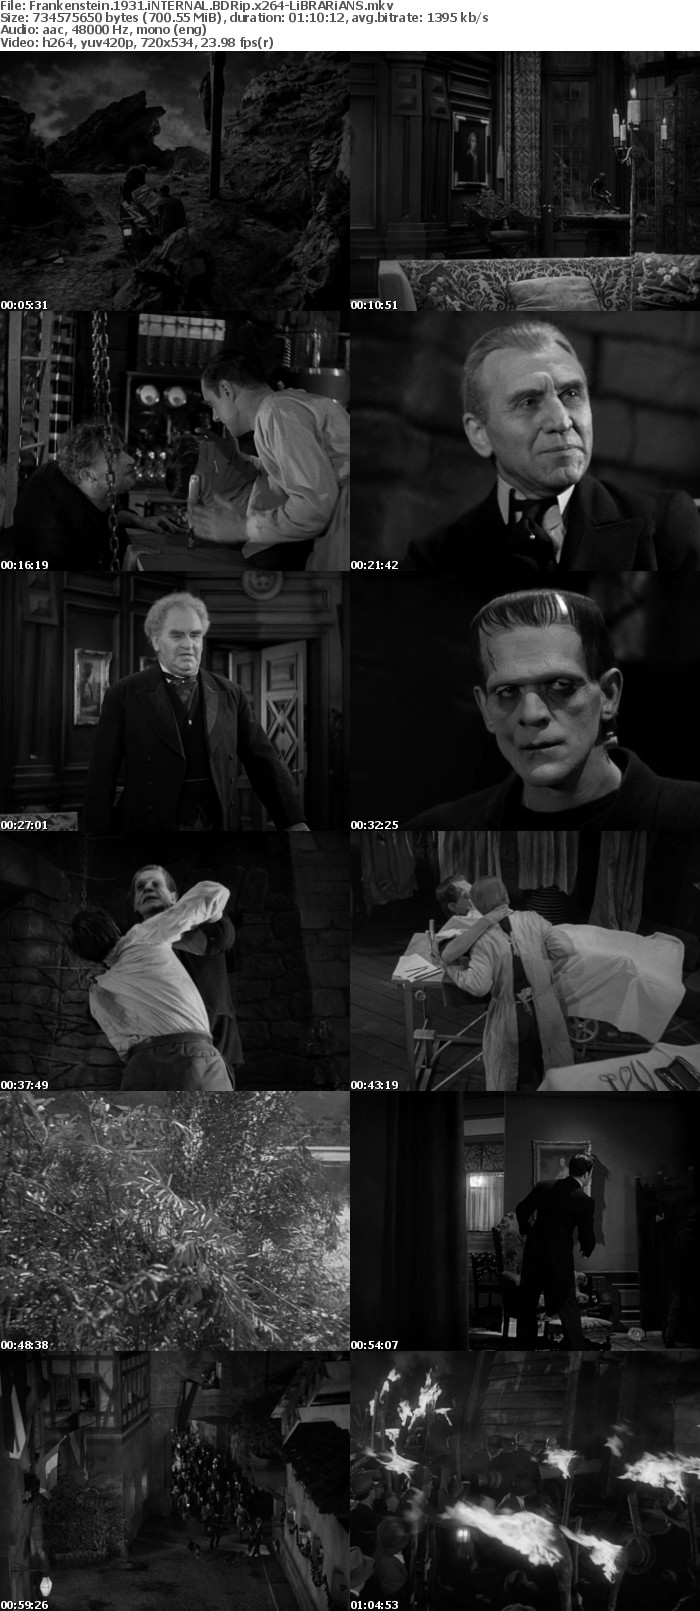 Frankenstein 1931 iNTERNAL BDRip x264-LiBRARiANS